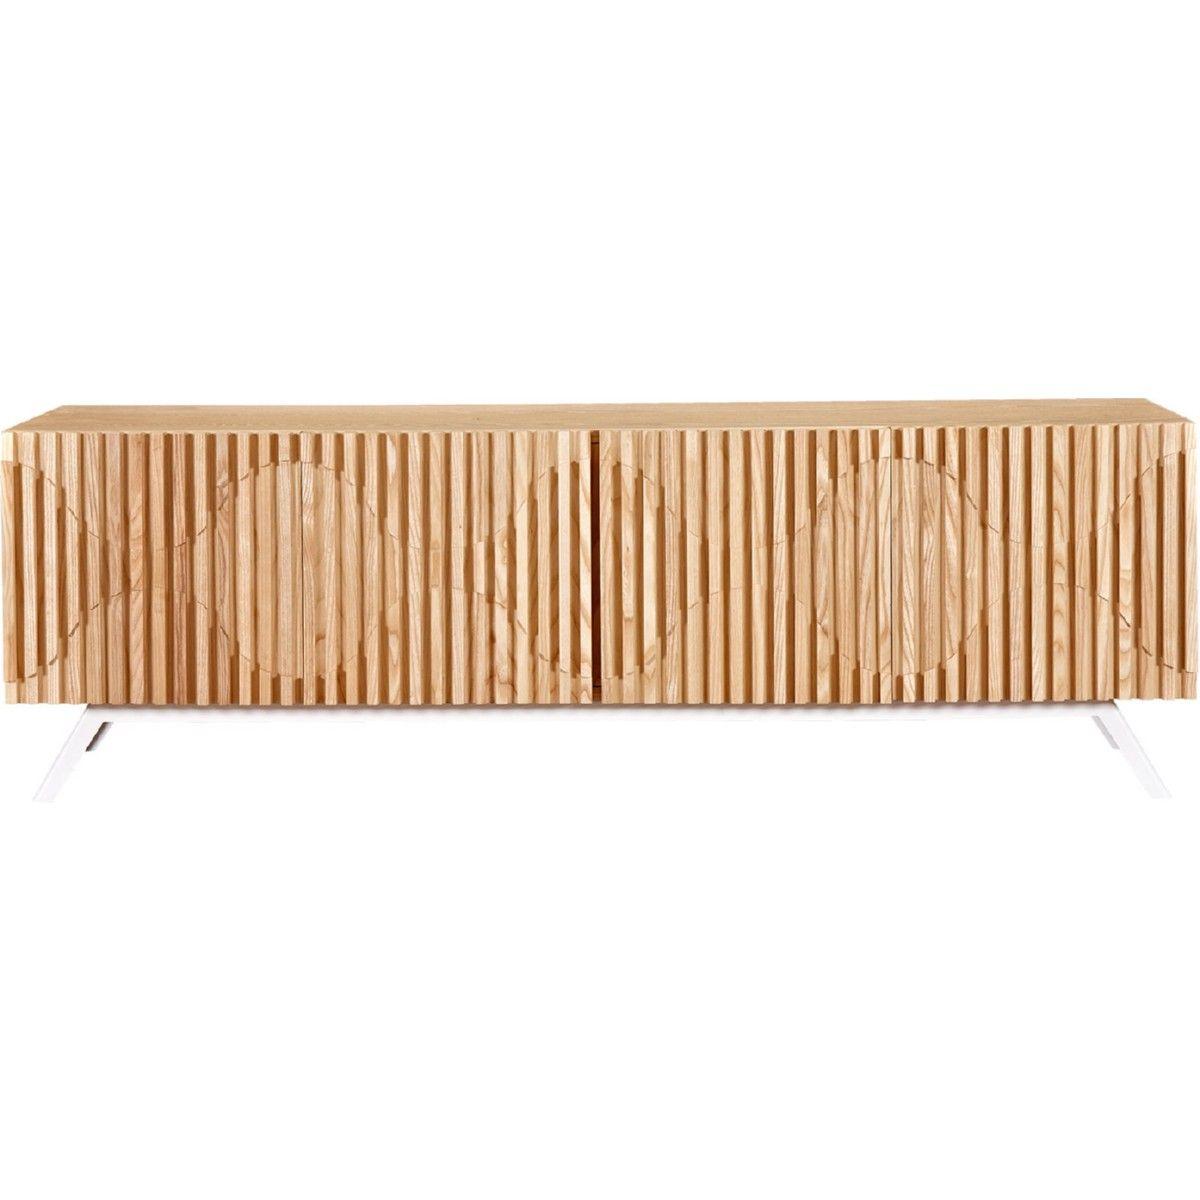 NyeKoncept Modern Furniture Oskar Vertical Slat Sideboard / Buffet W/  Stainless Steel Legs U0026 Natural